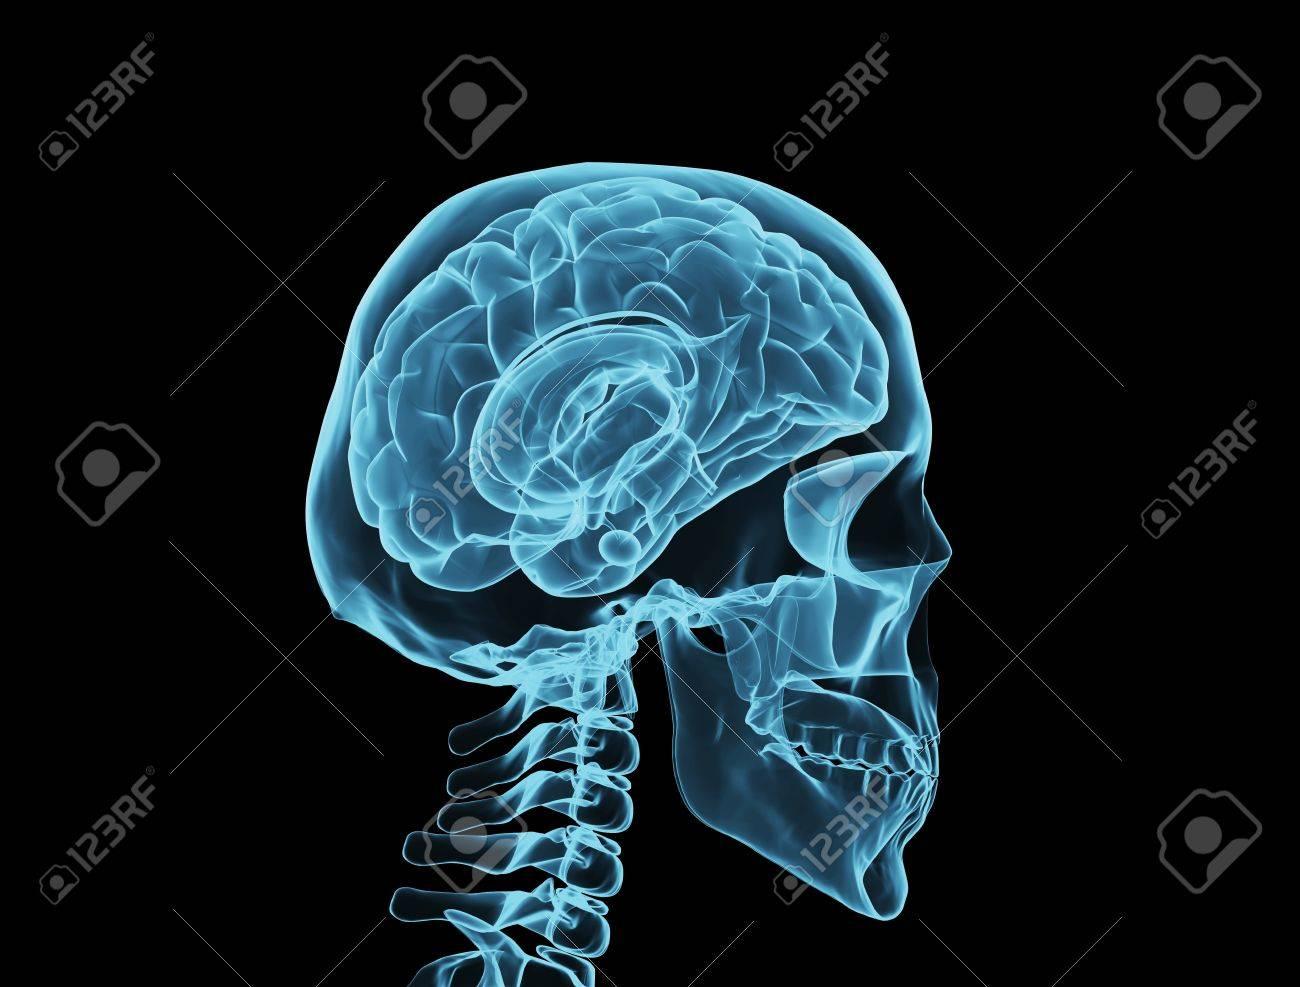 Brain xray Stock Photo - 11180067